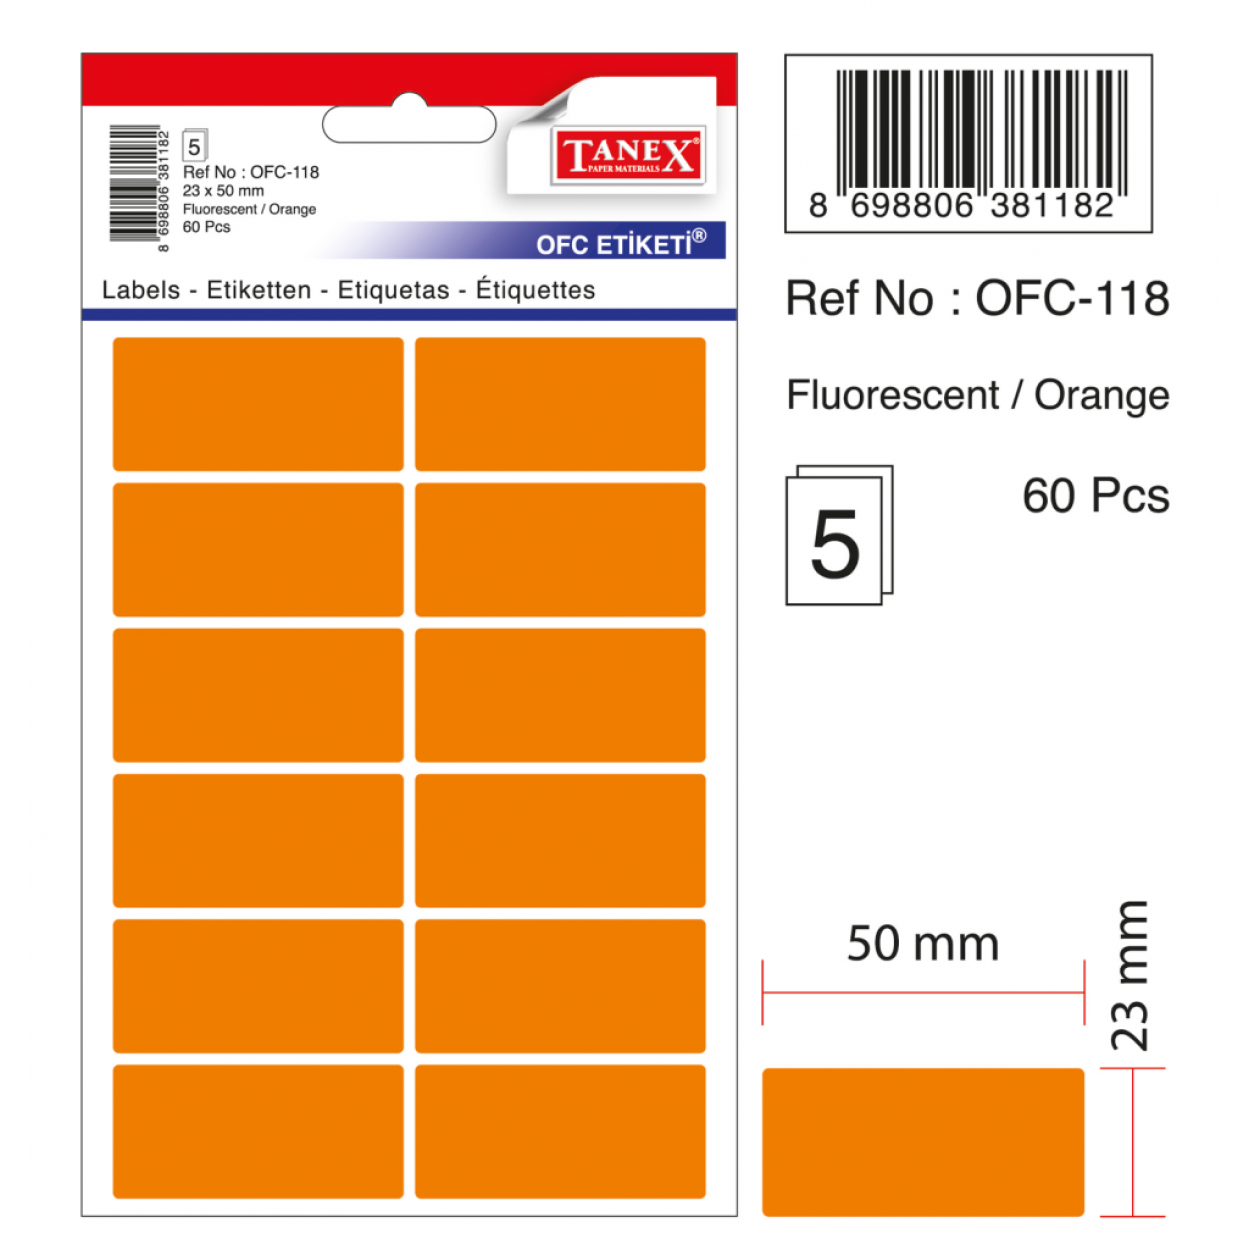 Tanex Ofc-118 Flo Turuncu Ofis Etiketi